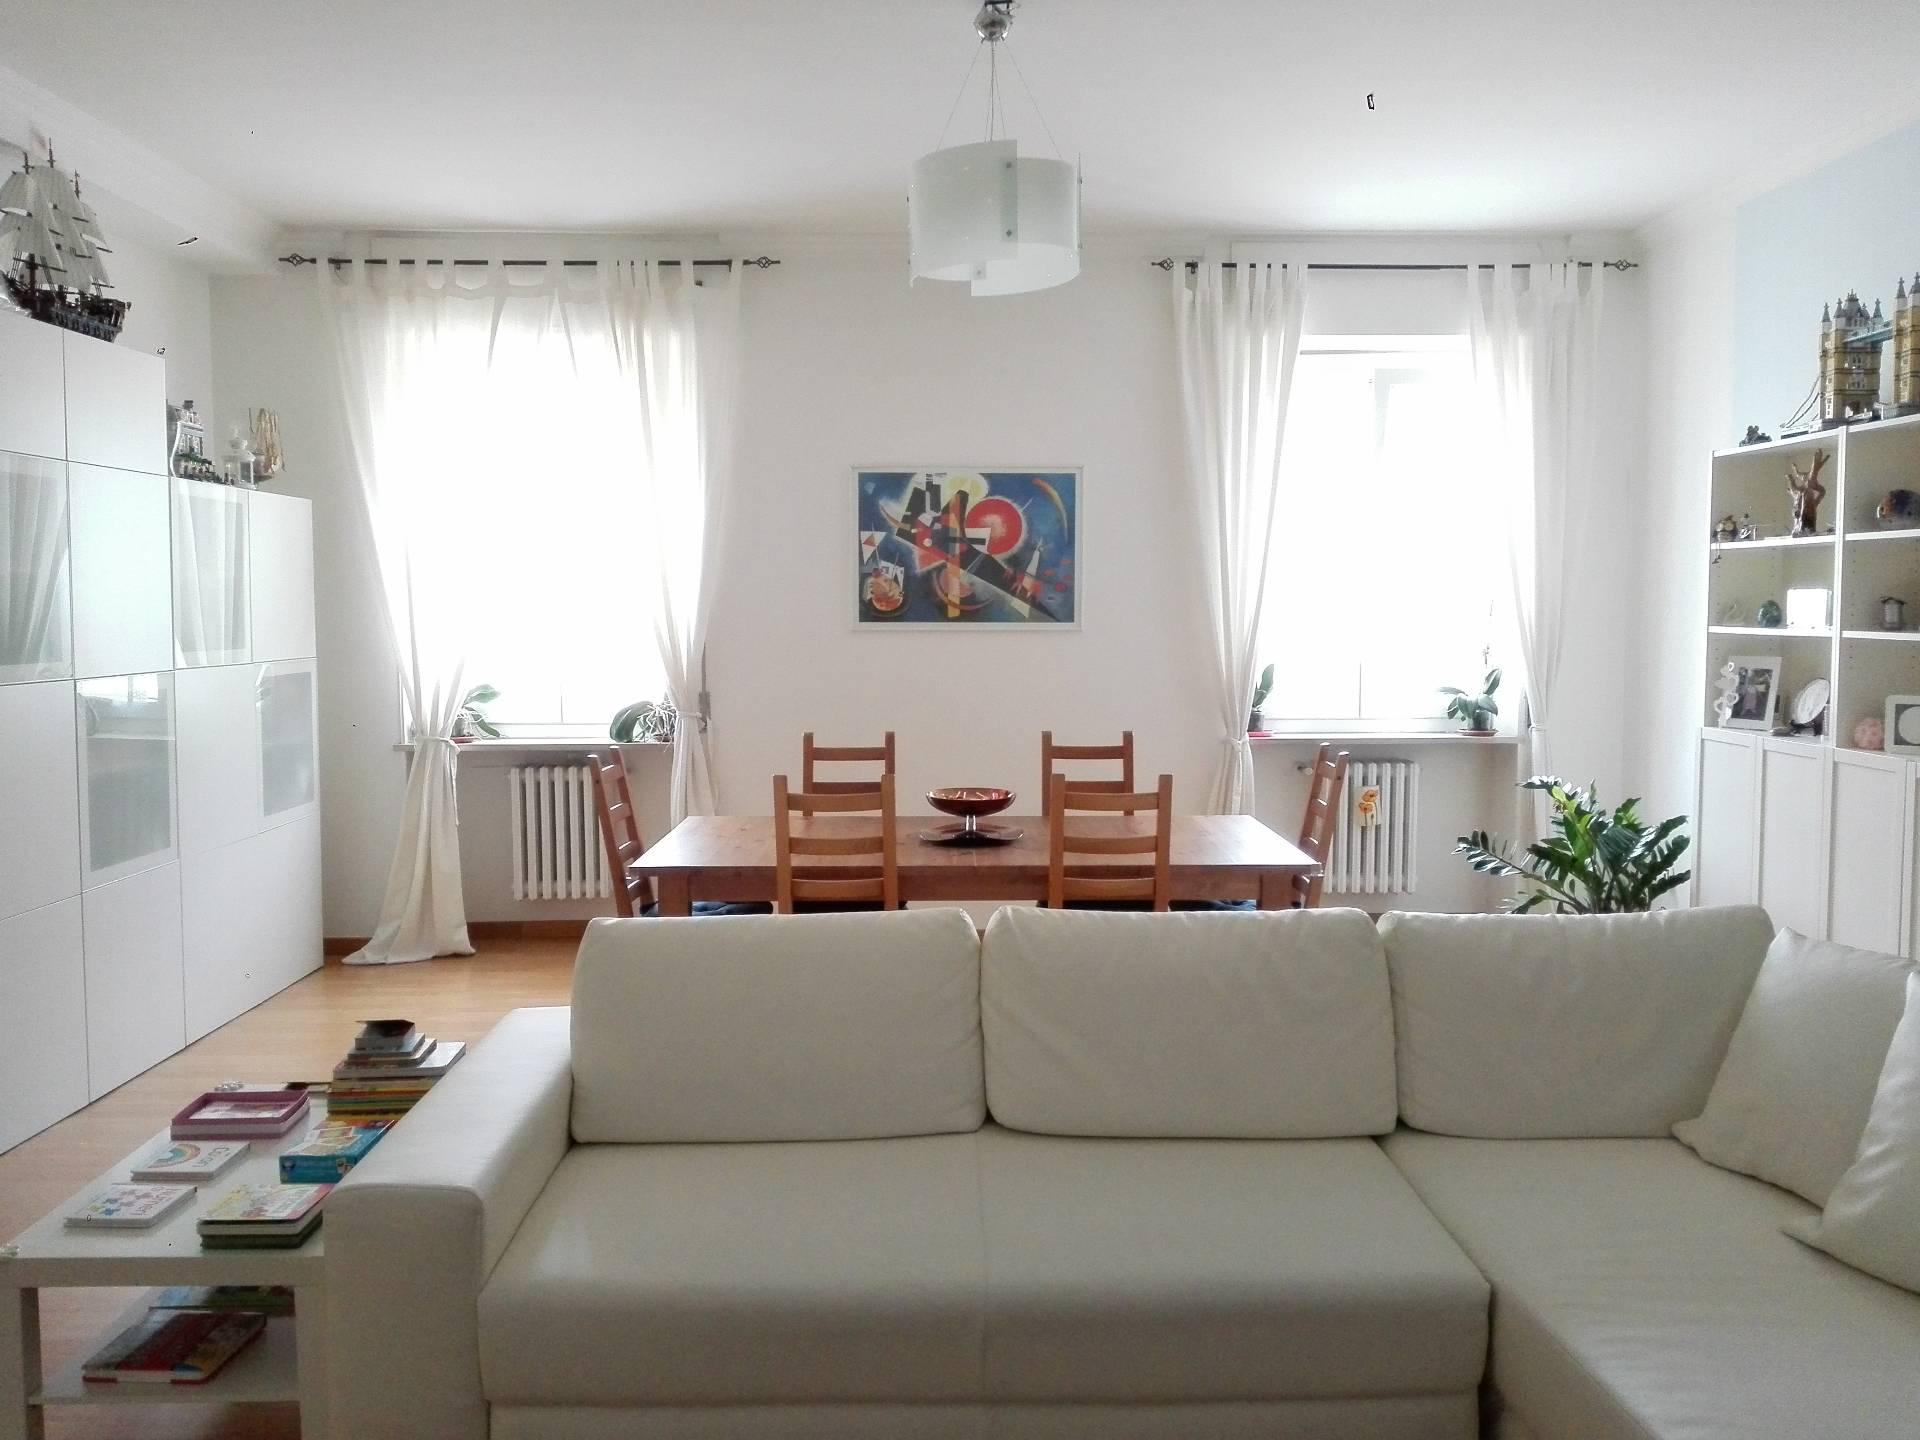 Appartamento in vendita a Vetralla, 4 locali, zona Zona: Cura, prezzo € 159.000 | Cambio Casa.it